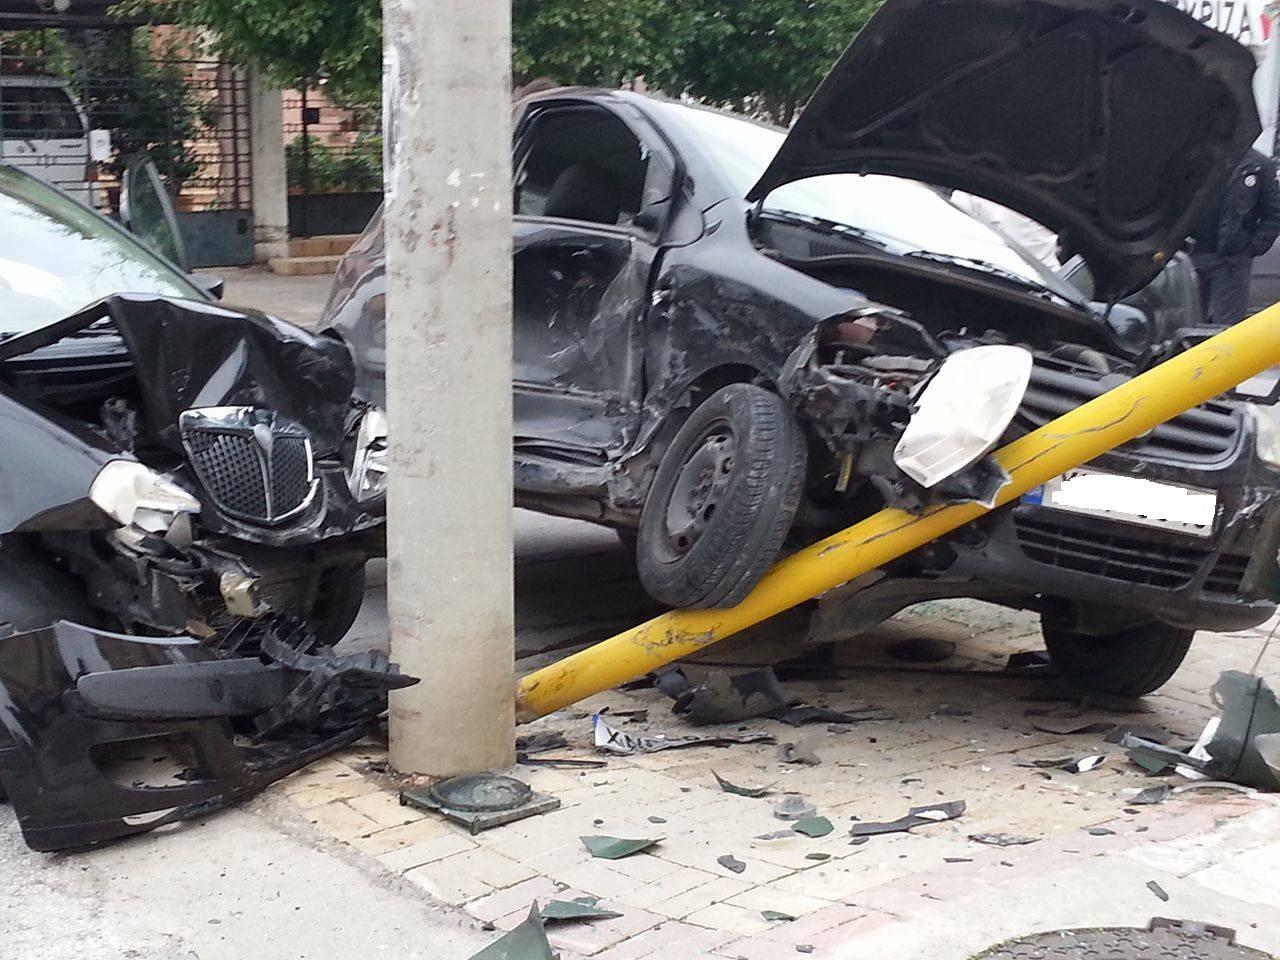 ΙΧ έπεσε σε φωτεινό σηματοδότη στη Λάρισα – Τραυματίστηκε ένα άτομο